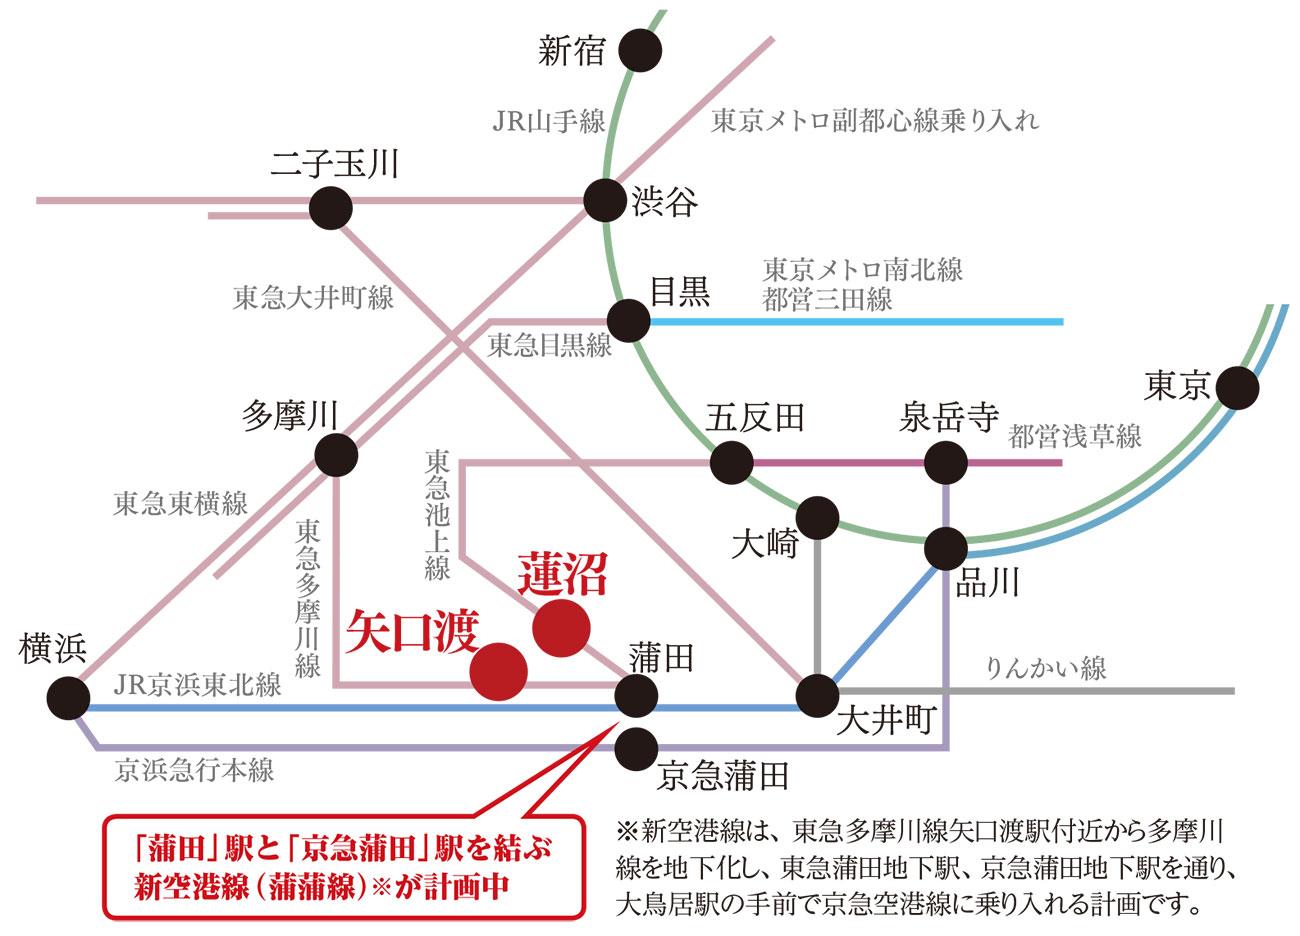 矢口渡路線図